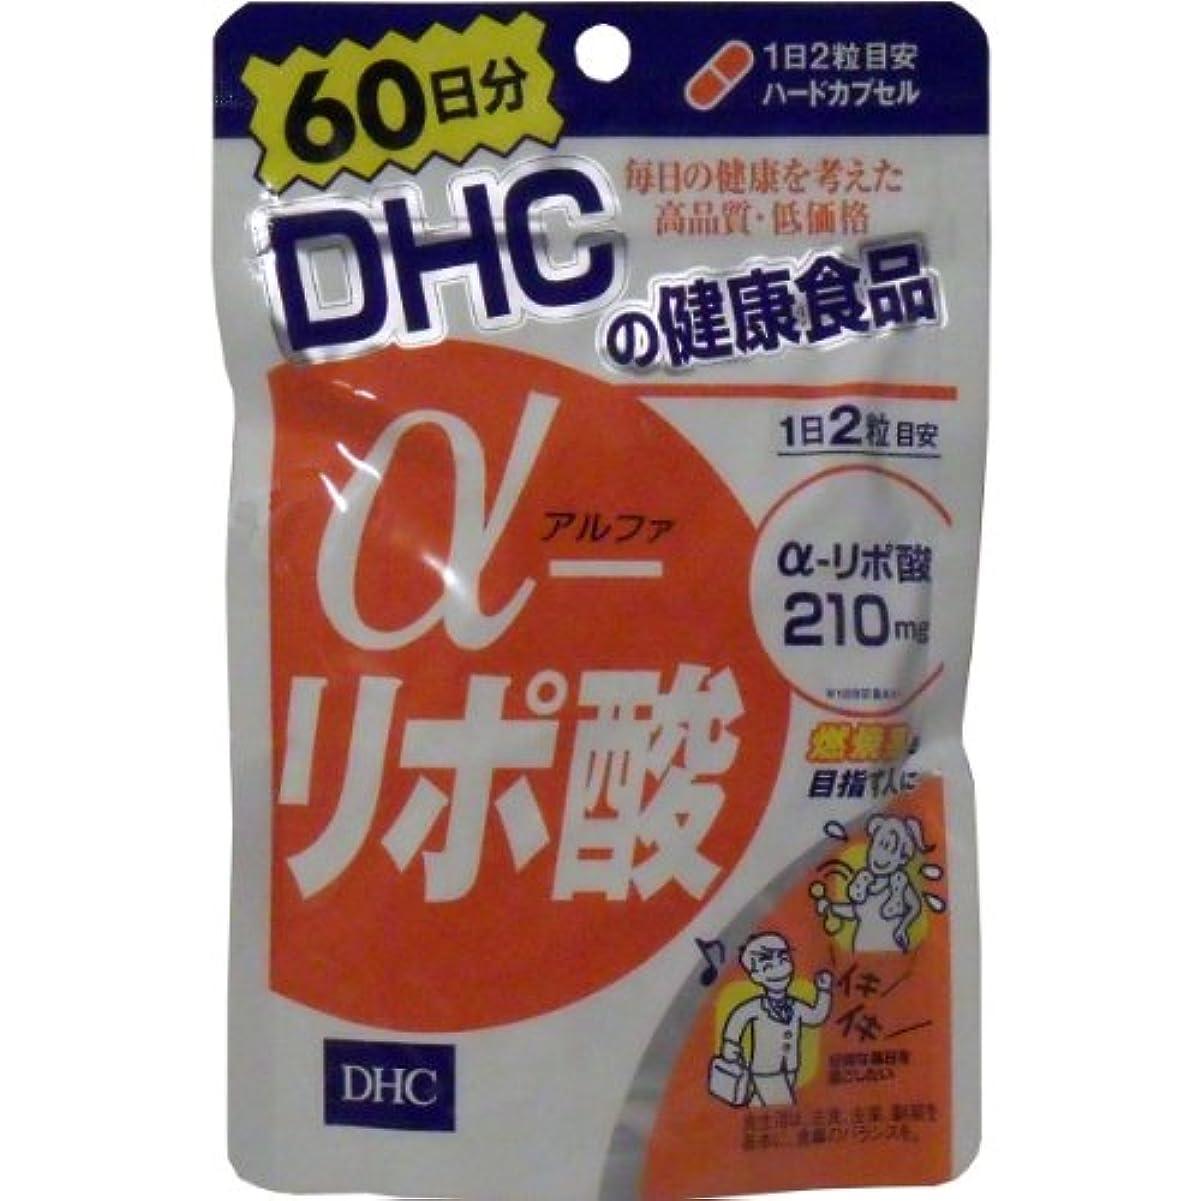 ジャンクション吸い込む可塑性α-リポ酸は、もともと体内にあるエネルギー活性成分。サプリメントでの効率的な補給がおすすめ!DHC120粒 60日分 【3個セット】